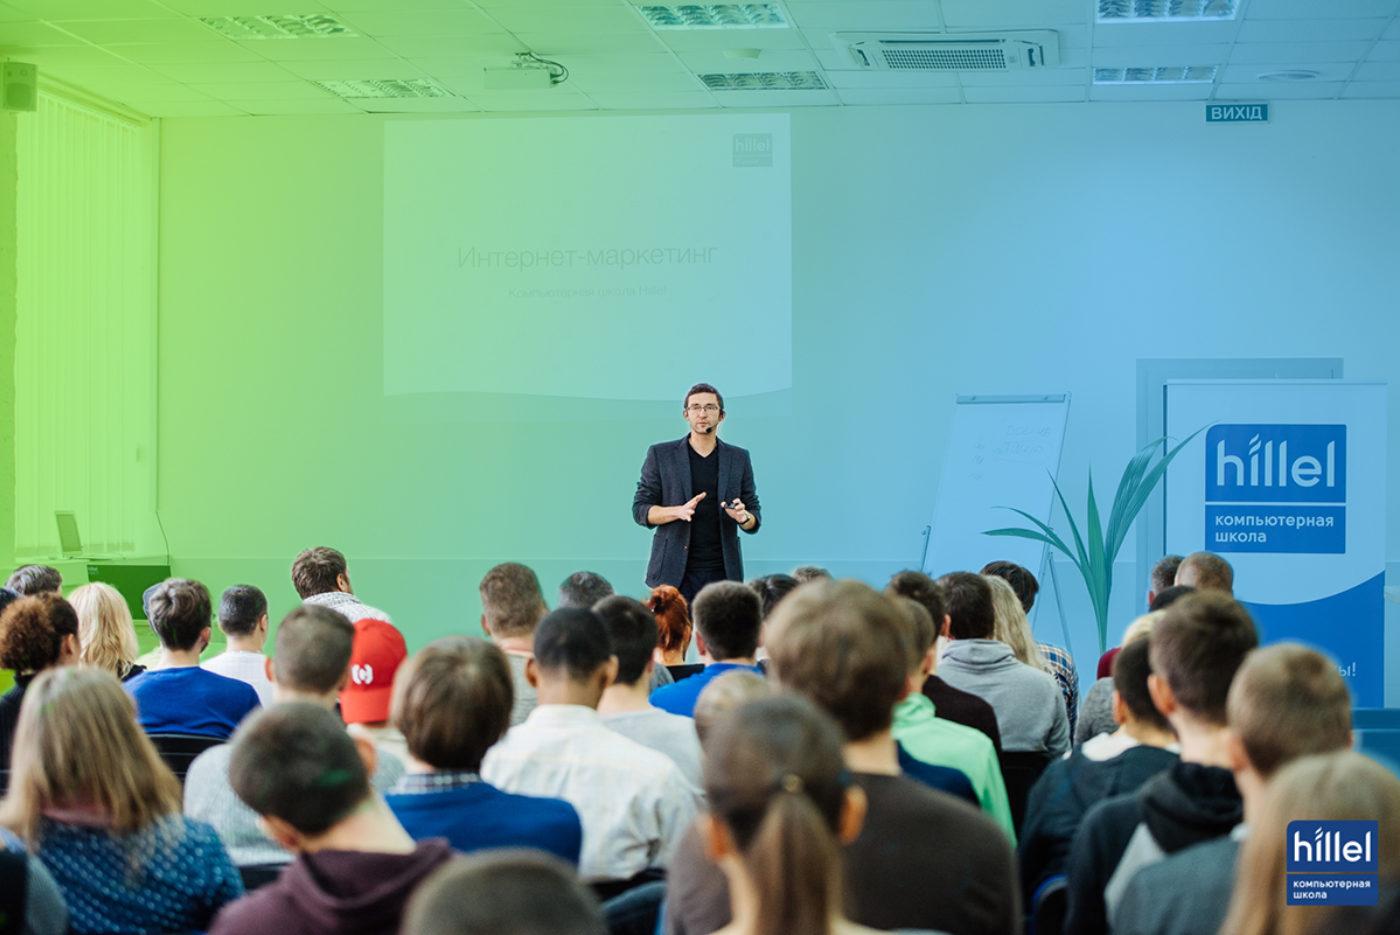 Мероприятия: Открытая встреча «Хочу в IT. С чего начать?» в Днепре 26 марта